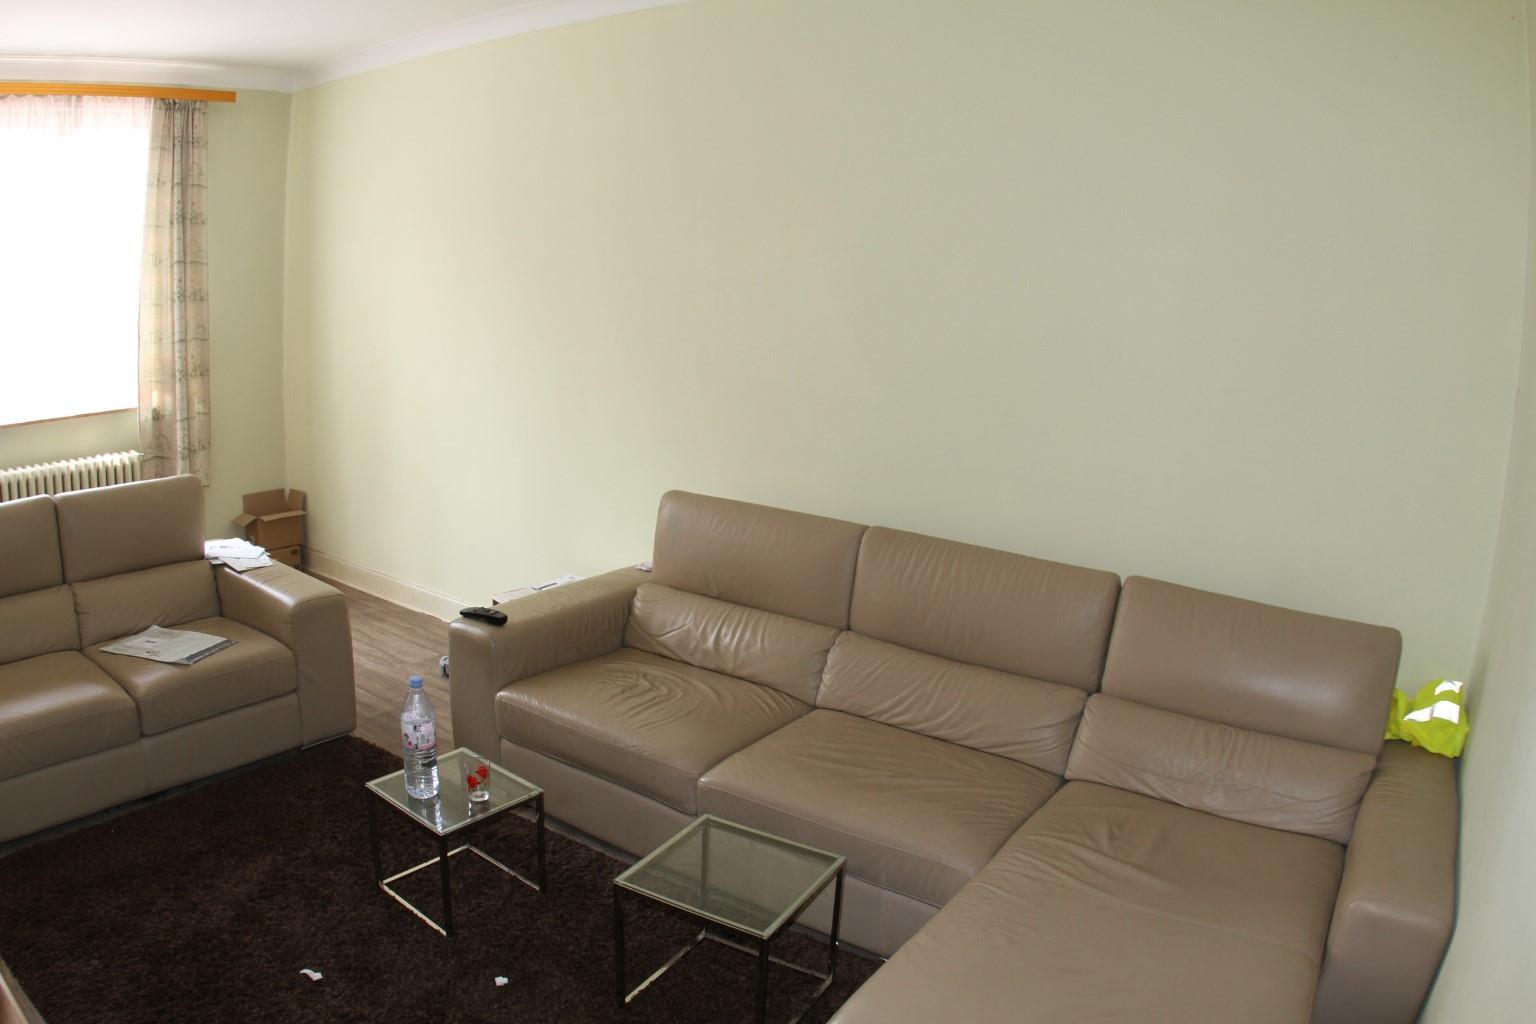 Bel-étage - Tubize - #2663760-8